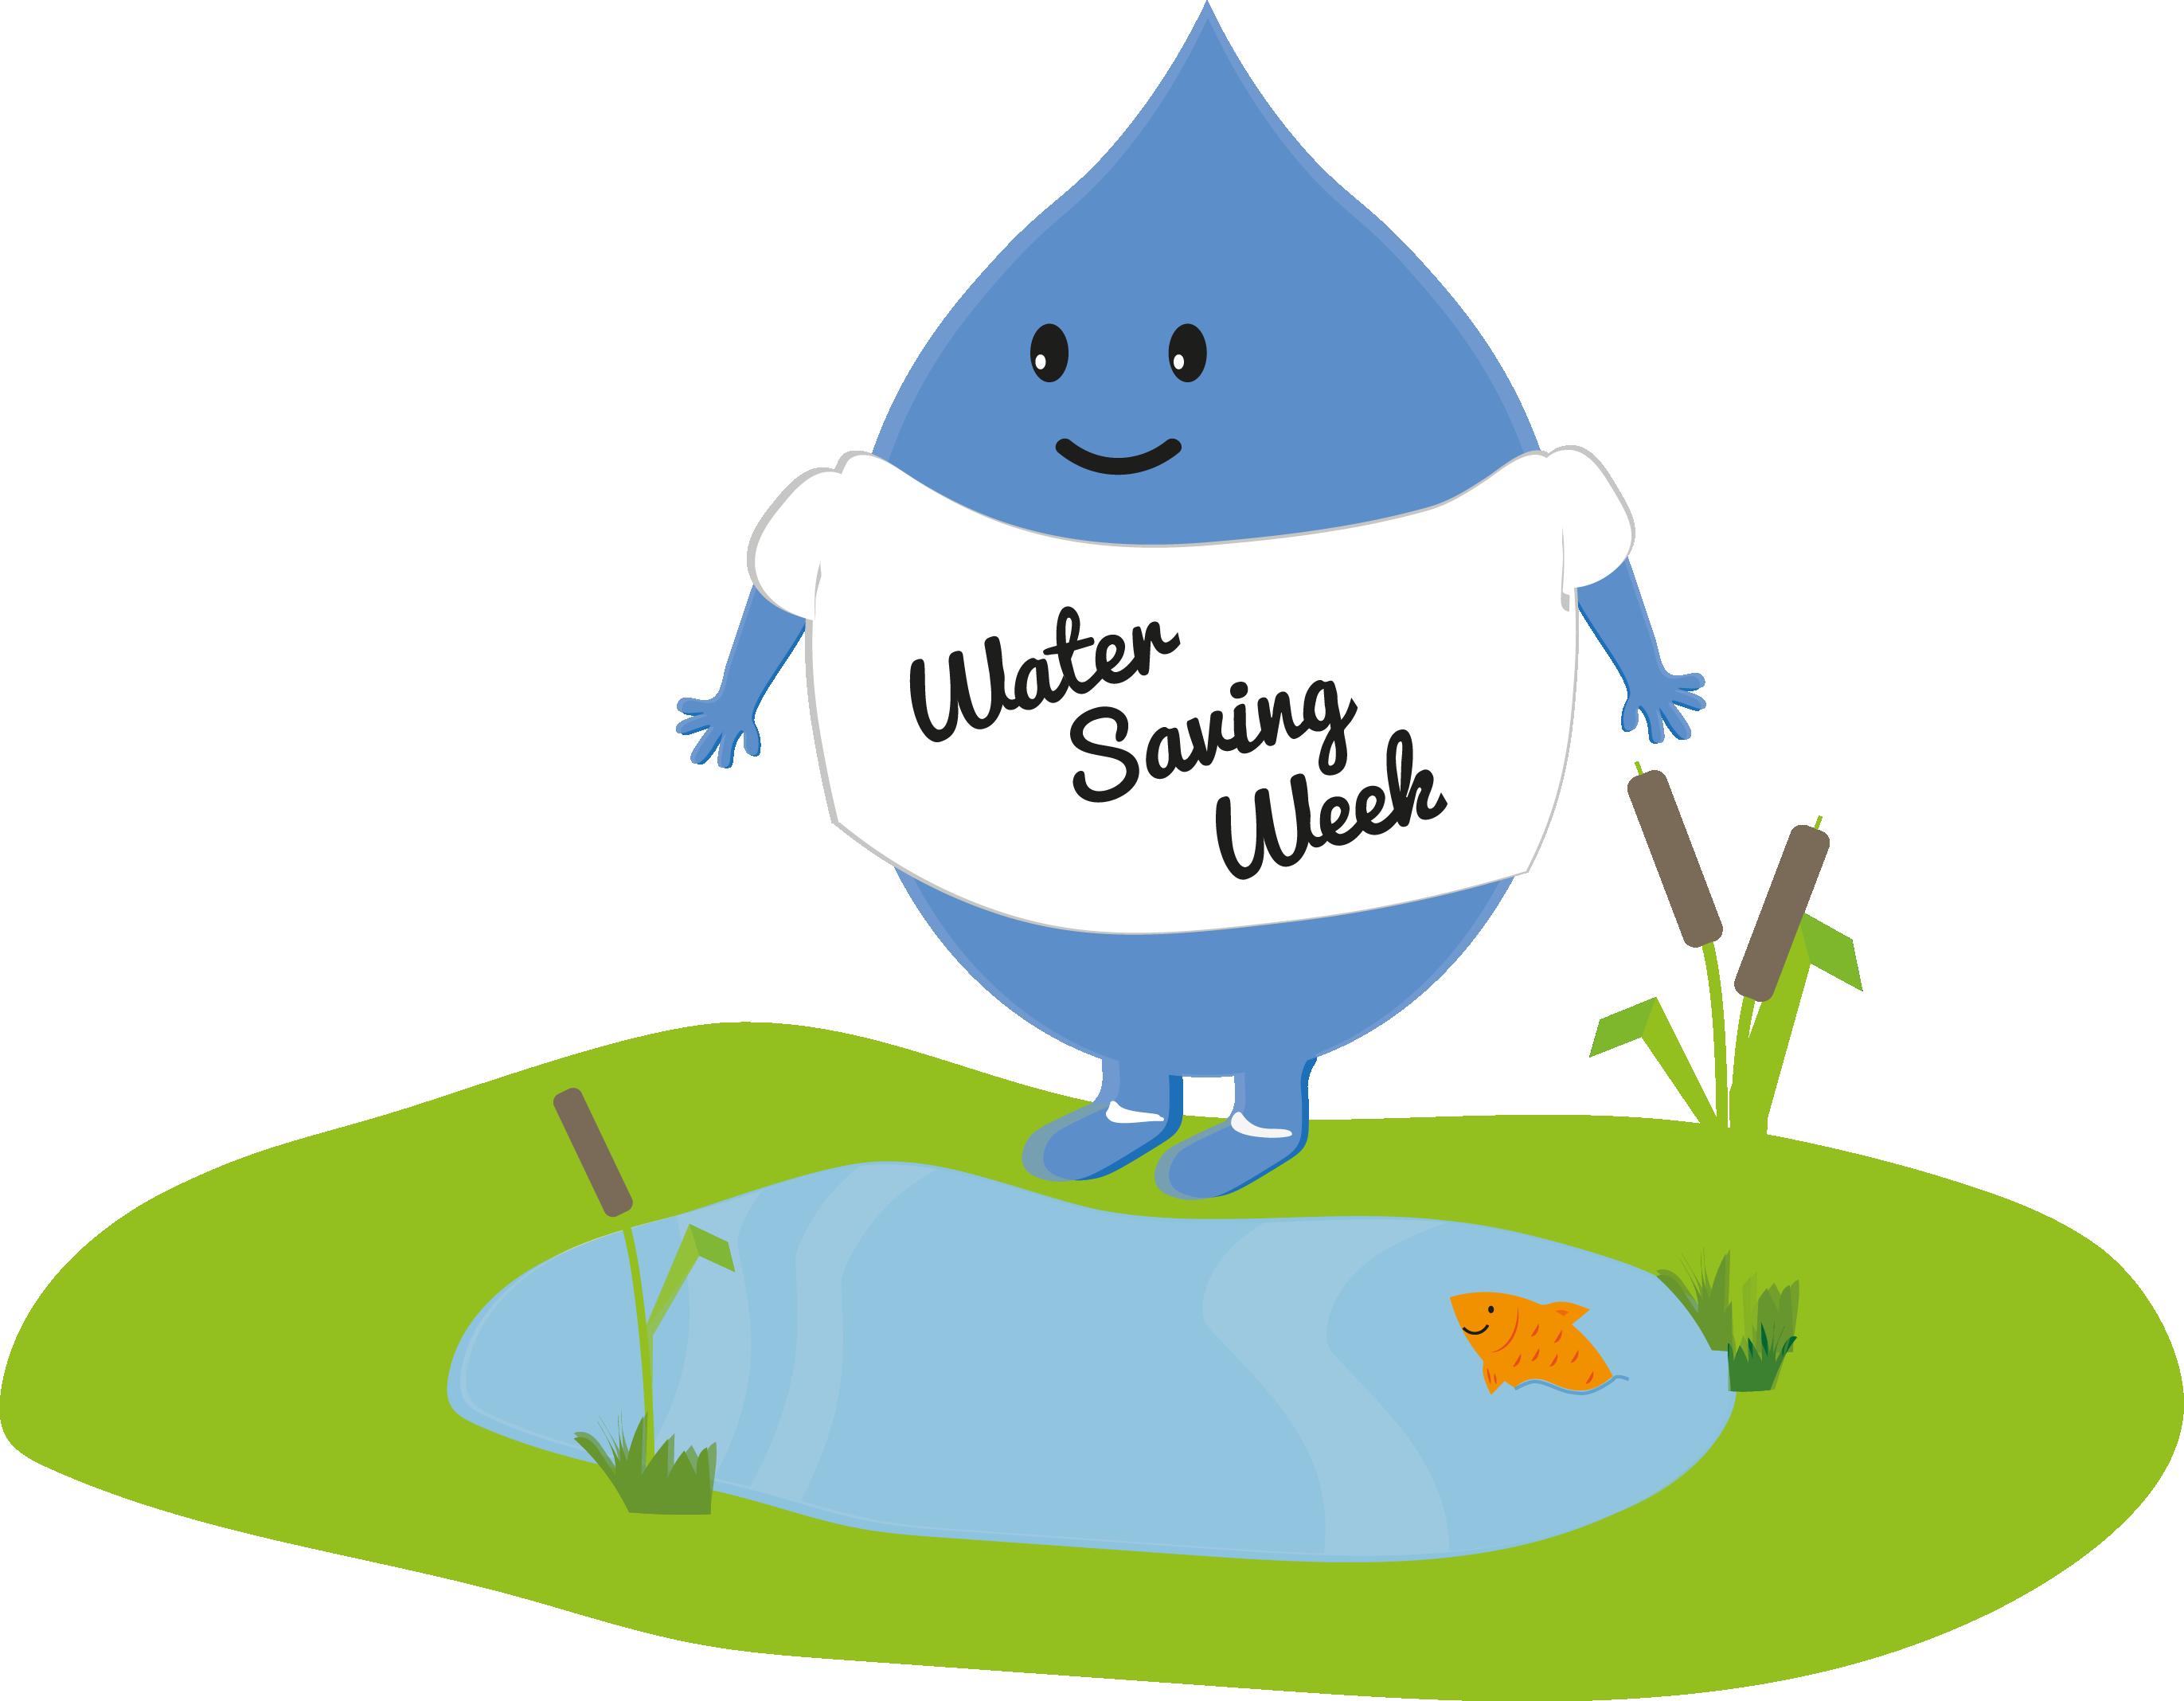 Clipart lake habitat pond. Water saving week work